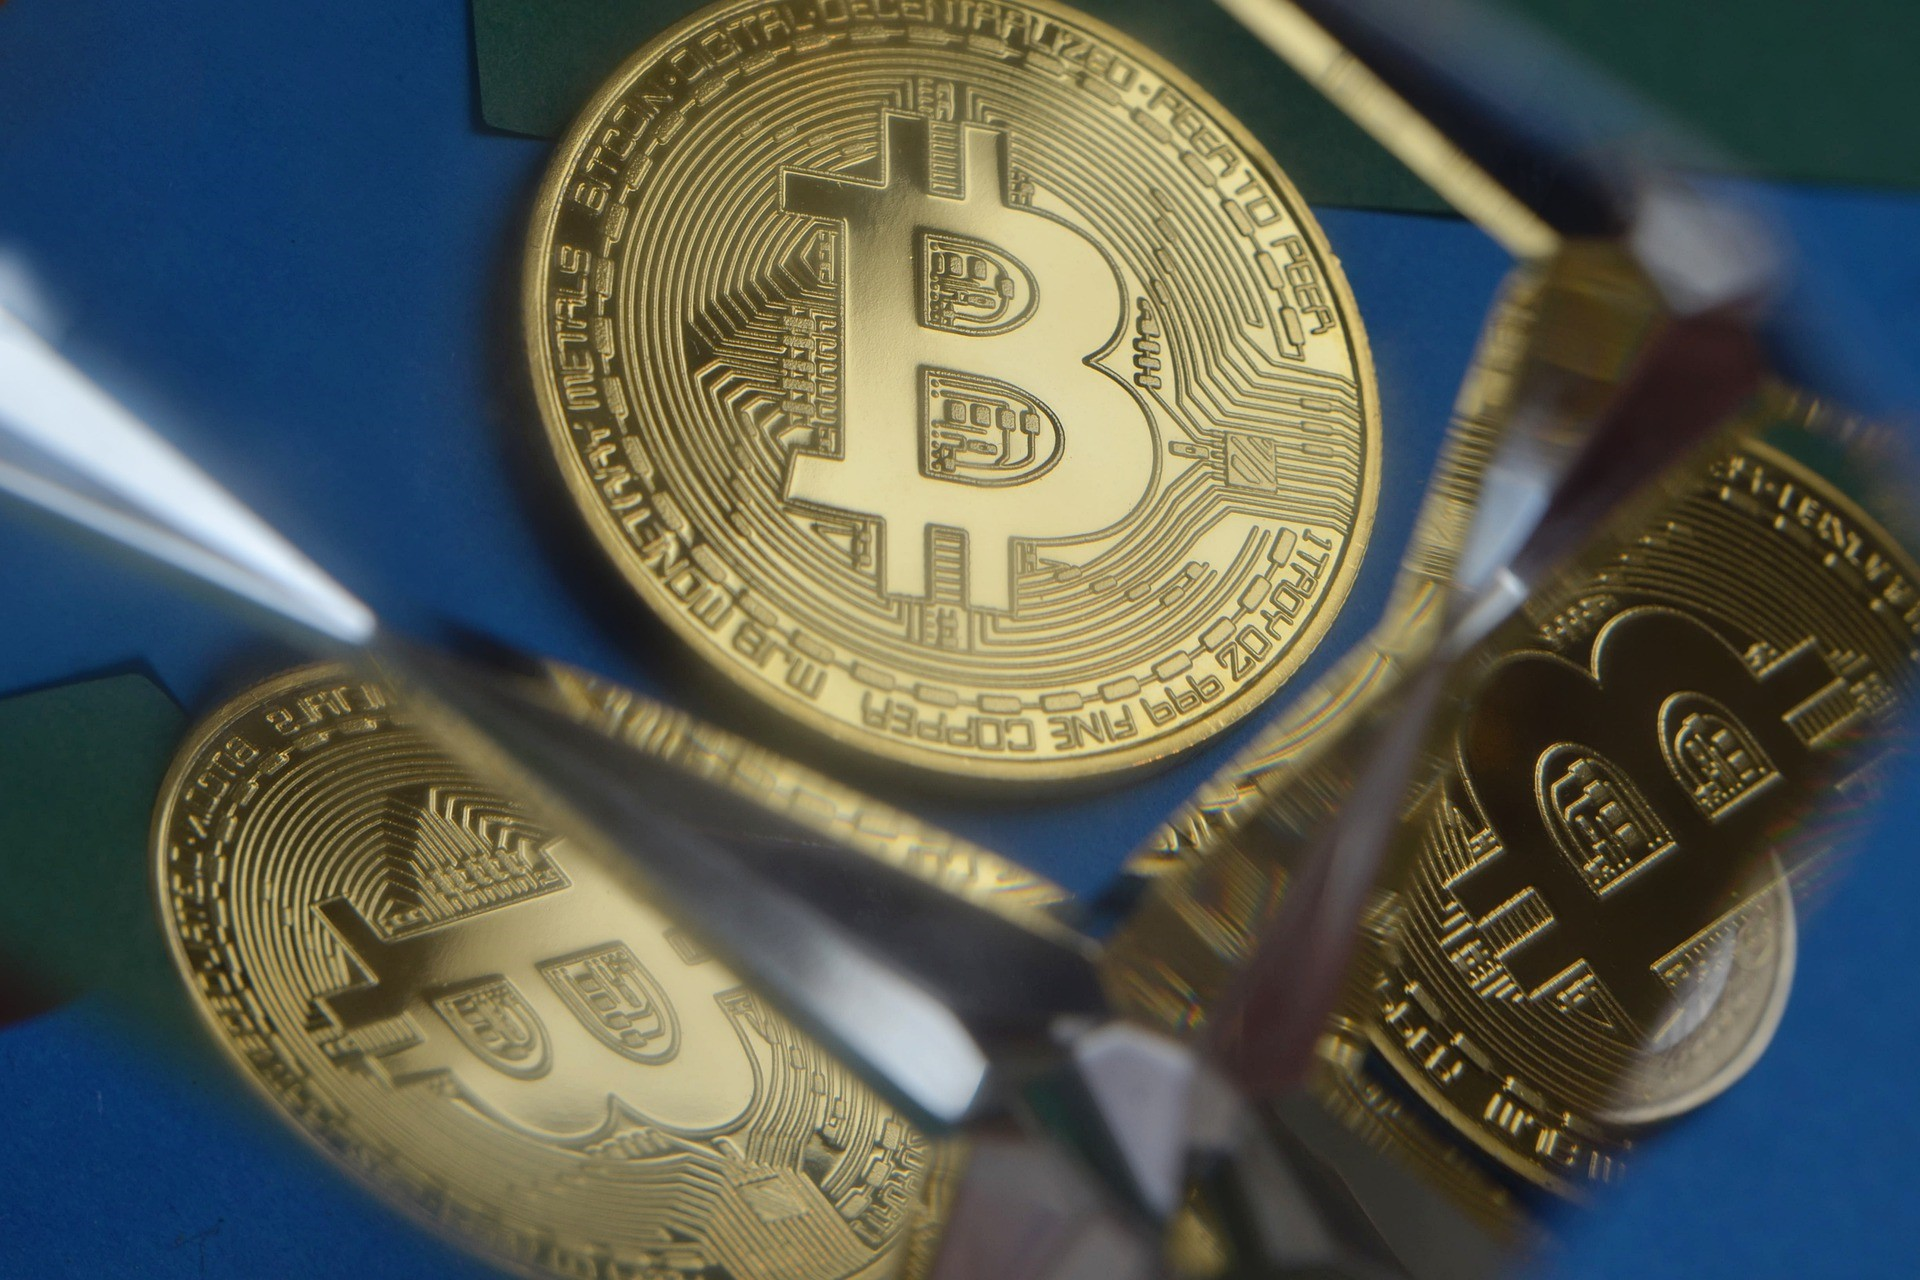 BTCetc - ETC Group Physical Bitcoin (BTCE ETC) är en börshandlad kryptovaluta (ETC) som spårar priset på Bitcoin. Varje BTCE Bitcoin ETC backas 100 procent fysiskt upp av Bitcoin och handlas på europeiska börser, vilket ger investerare ett säkrare sätt att få exponering för Bitcoin. Varje enhet i BTCE ger innehavaren en fordran på en fördefinierad mängd Bitcoin.